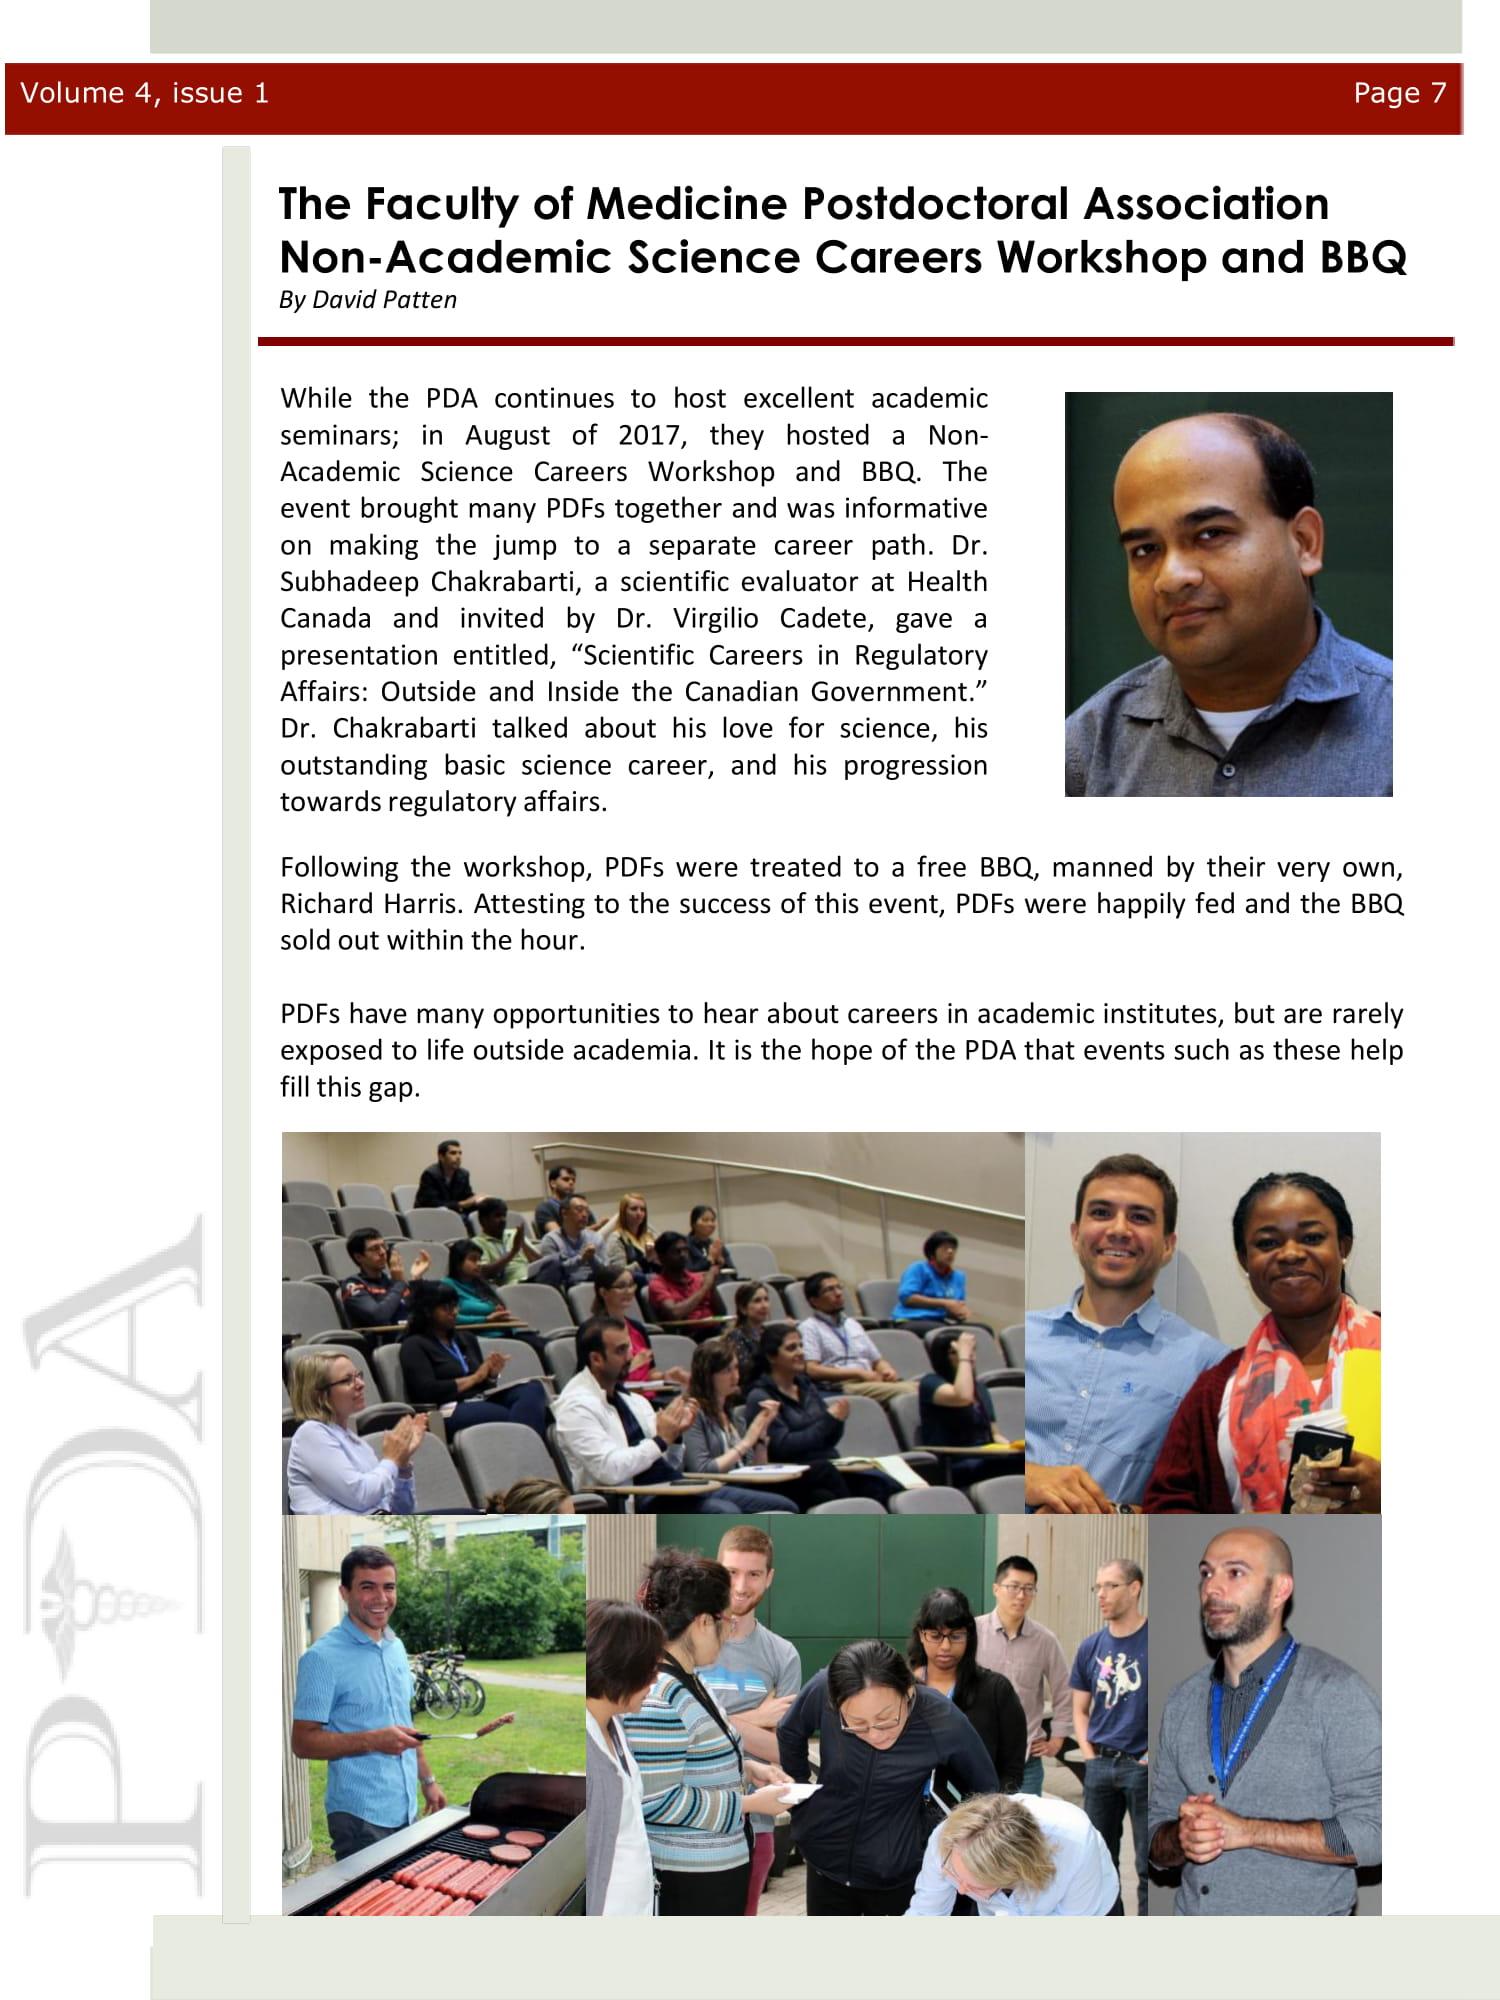 PDA_Newsletter_Volume_4_Issue_1-7.jpg